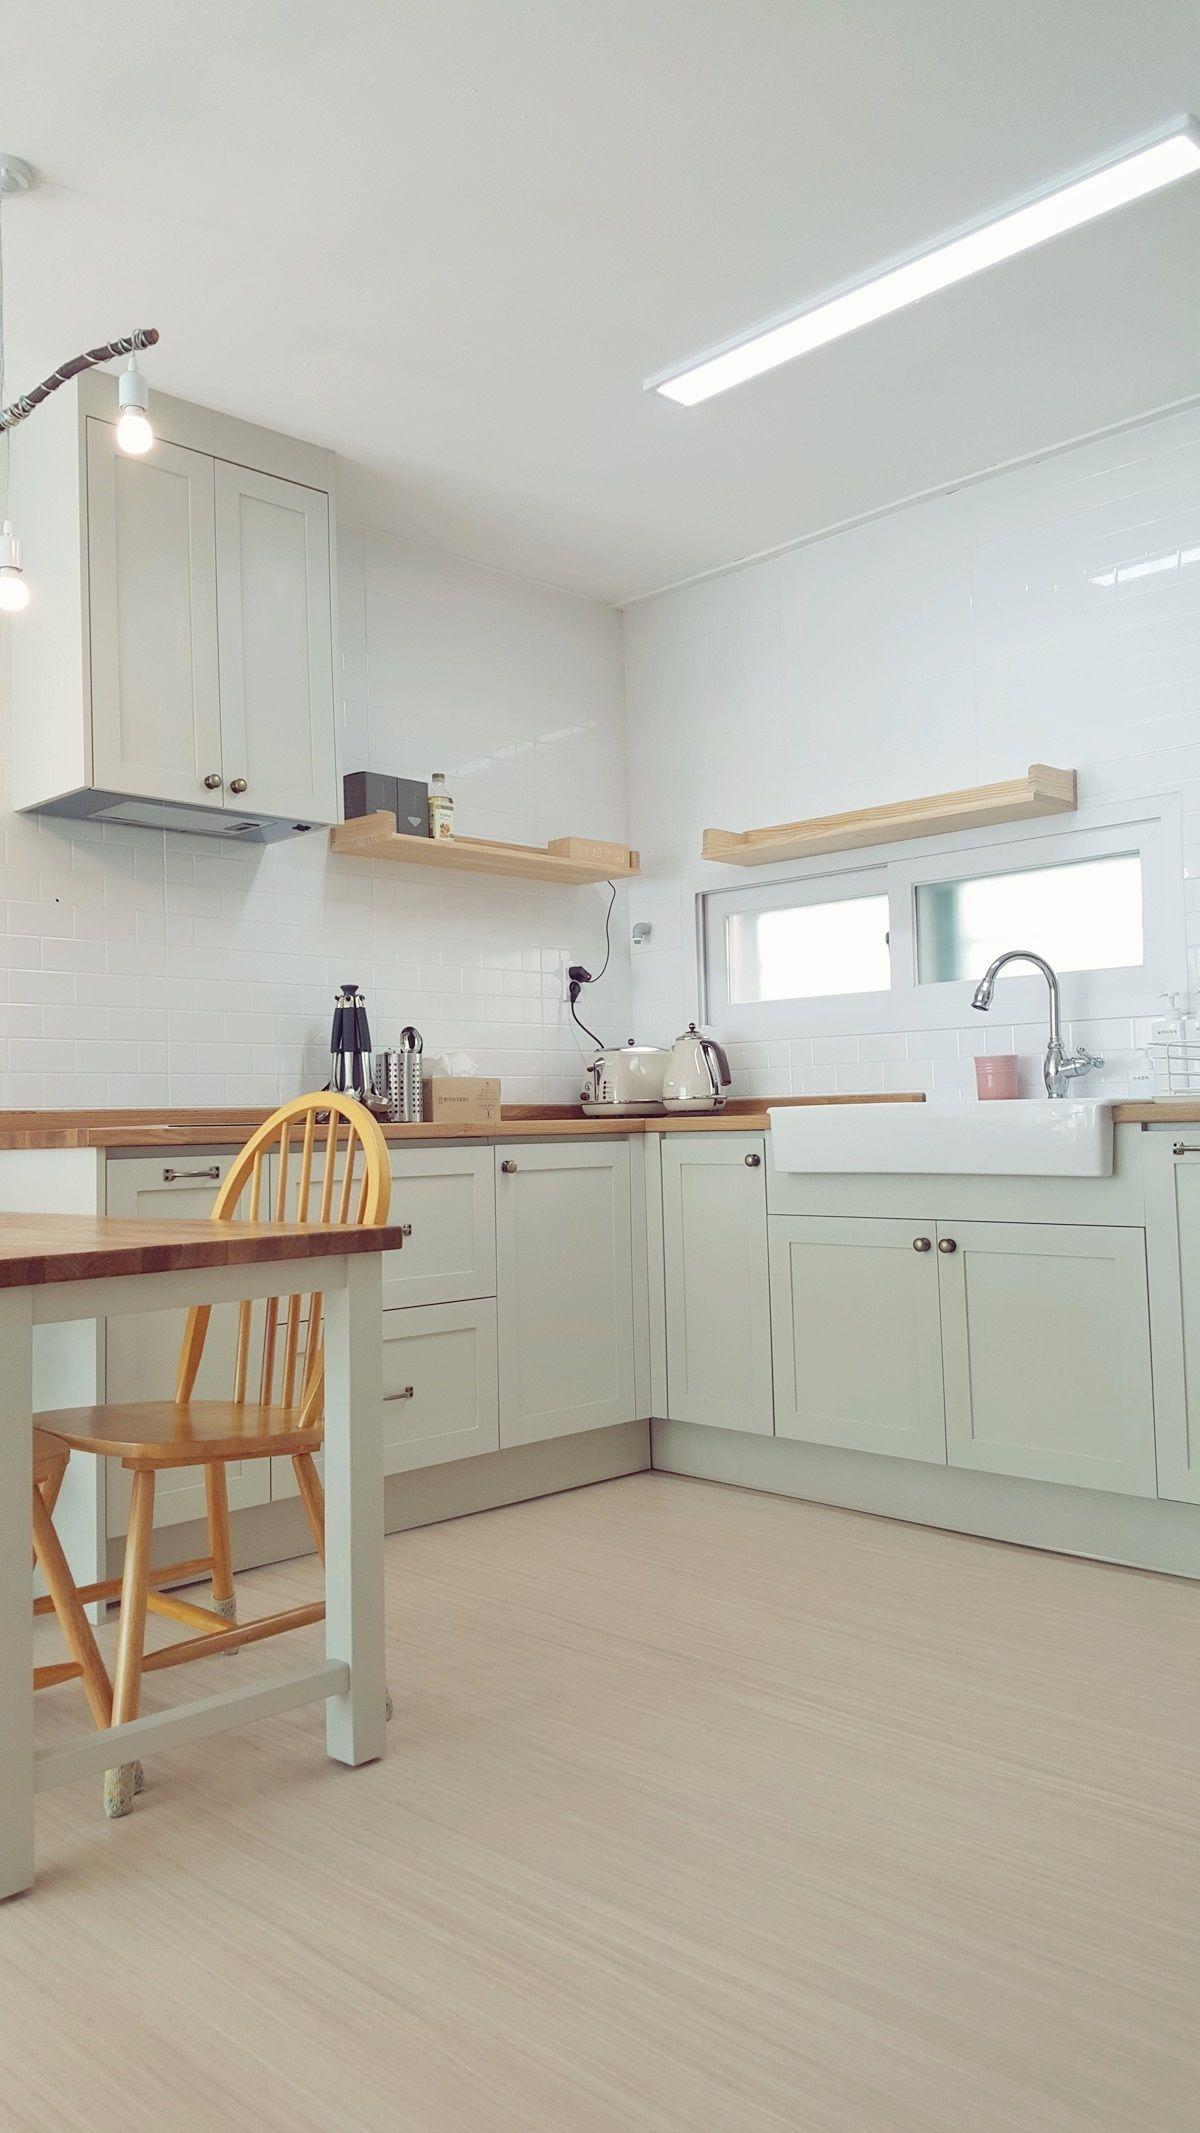 작은 공간이라도 단순하면서 밀도있게 배치한 미니멀 키친입니다 분당 주택에 입주한 원목싱크대 입니다 Material Ash Pine Cedar Md Finished Oil Water Varnish Eco Paint Made B 2020 부엌리모델링 부엌 디자인 부엌 인테리어